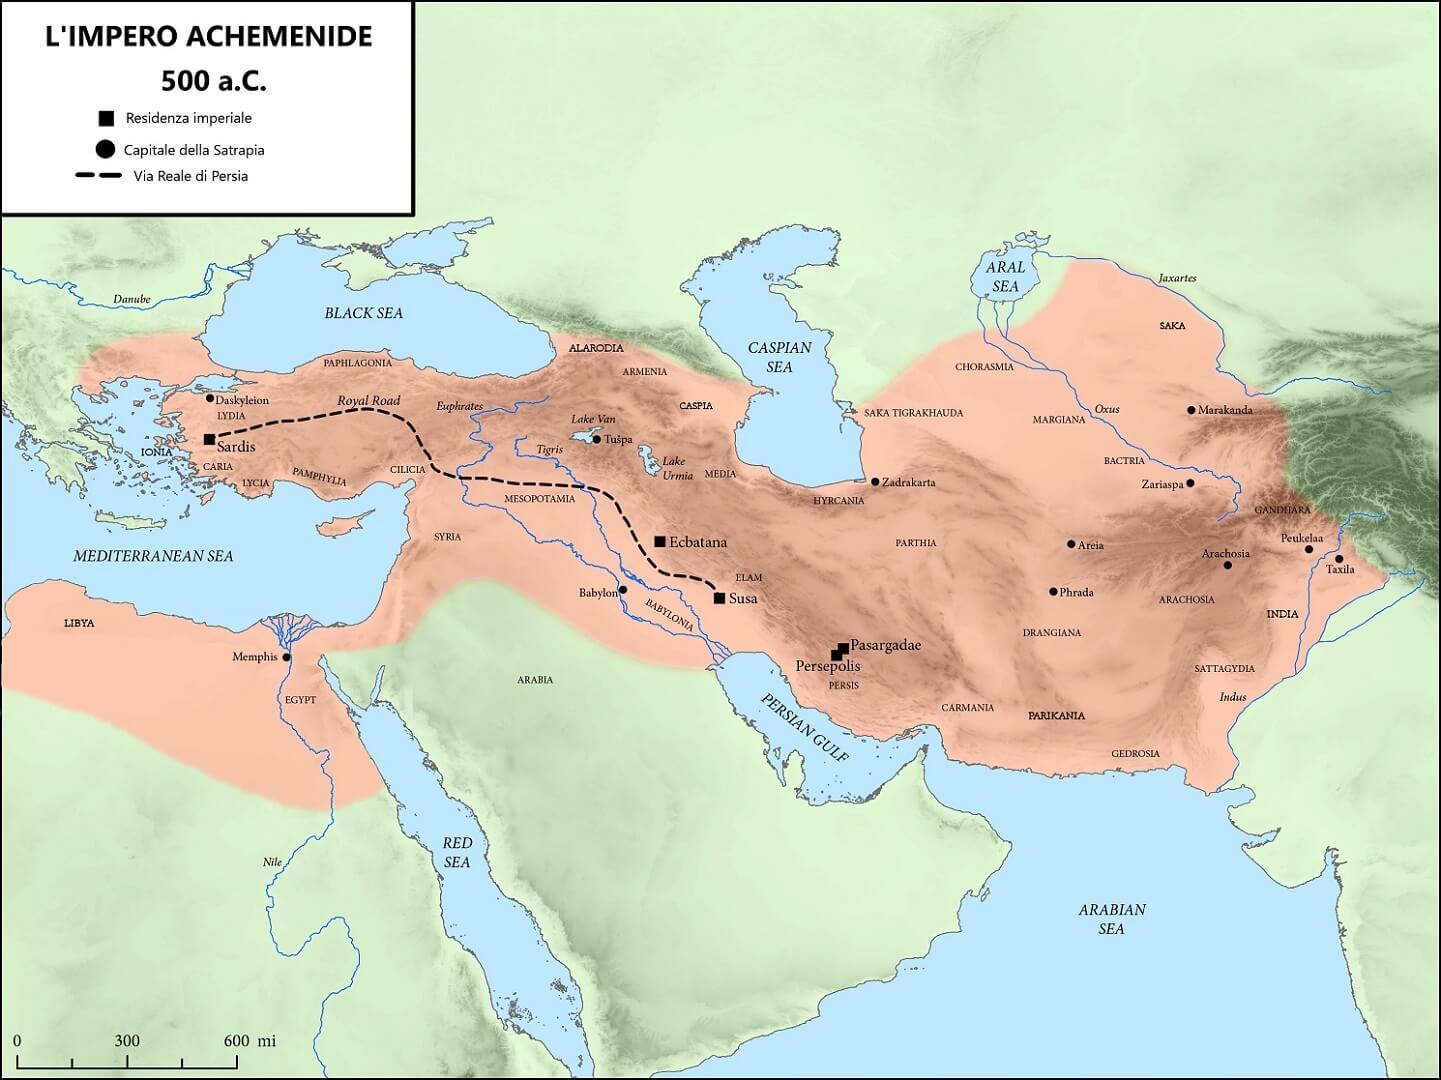 La Via Reale di Persia, nucleo originario della via della seta